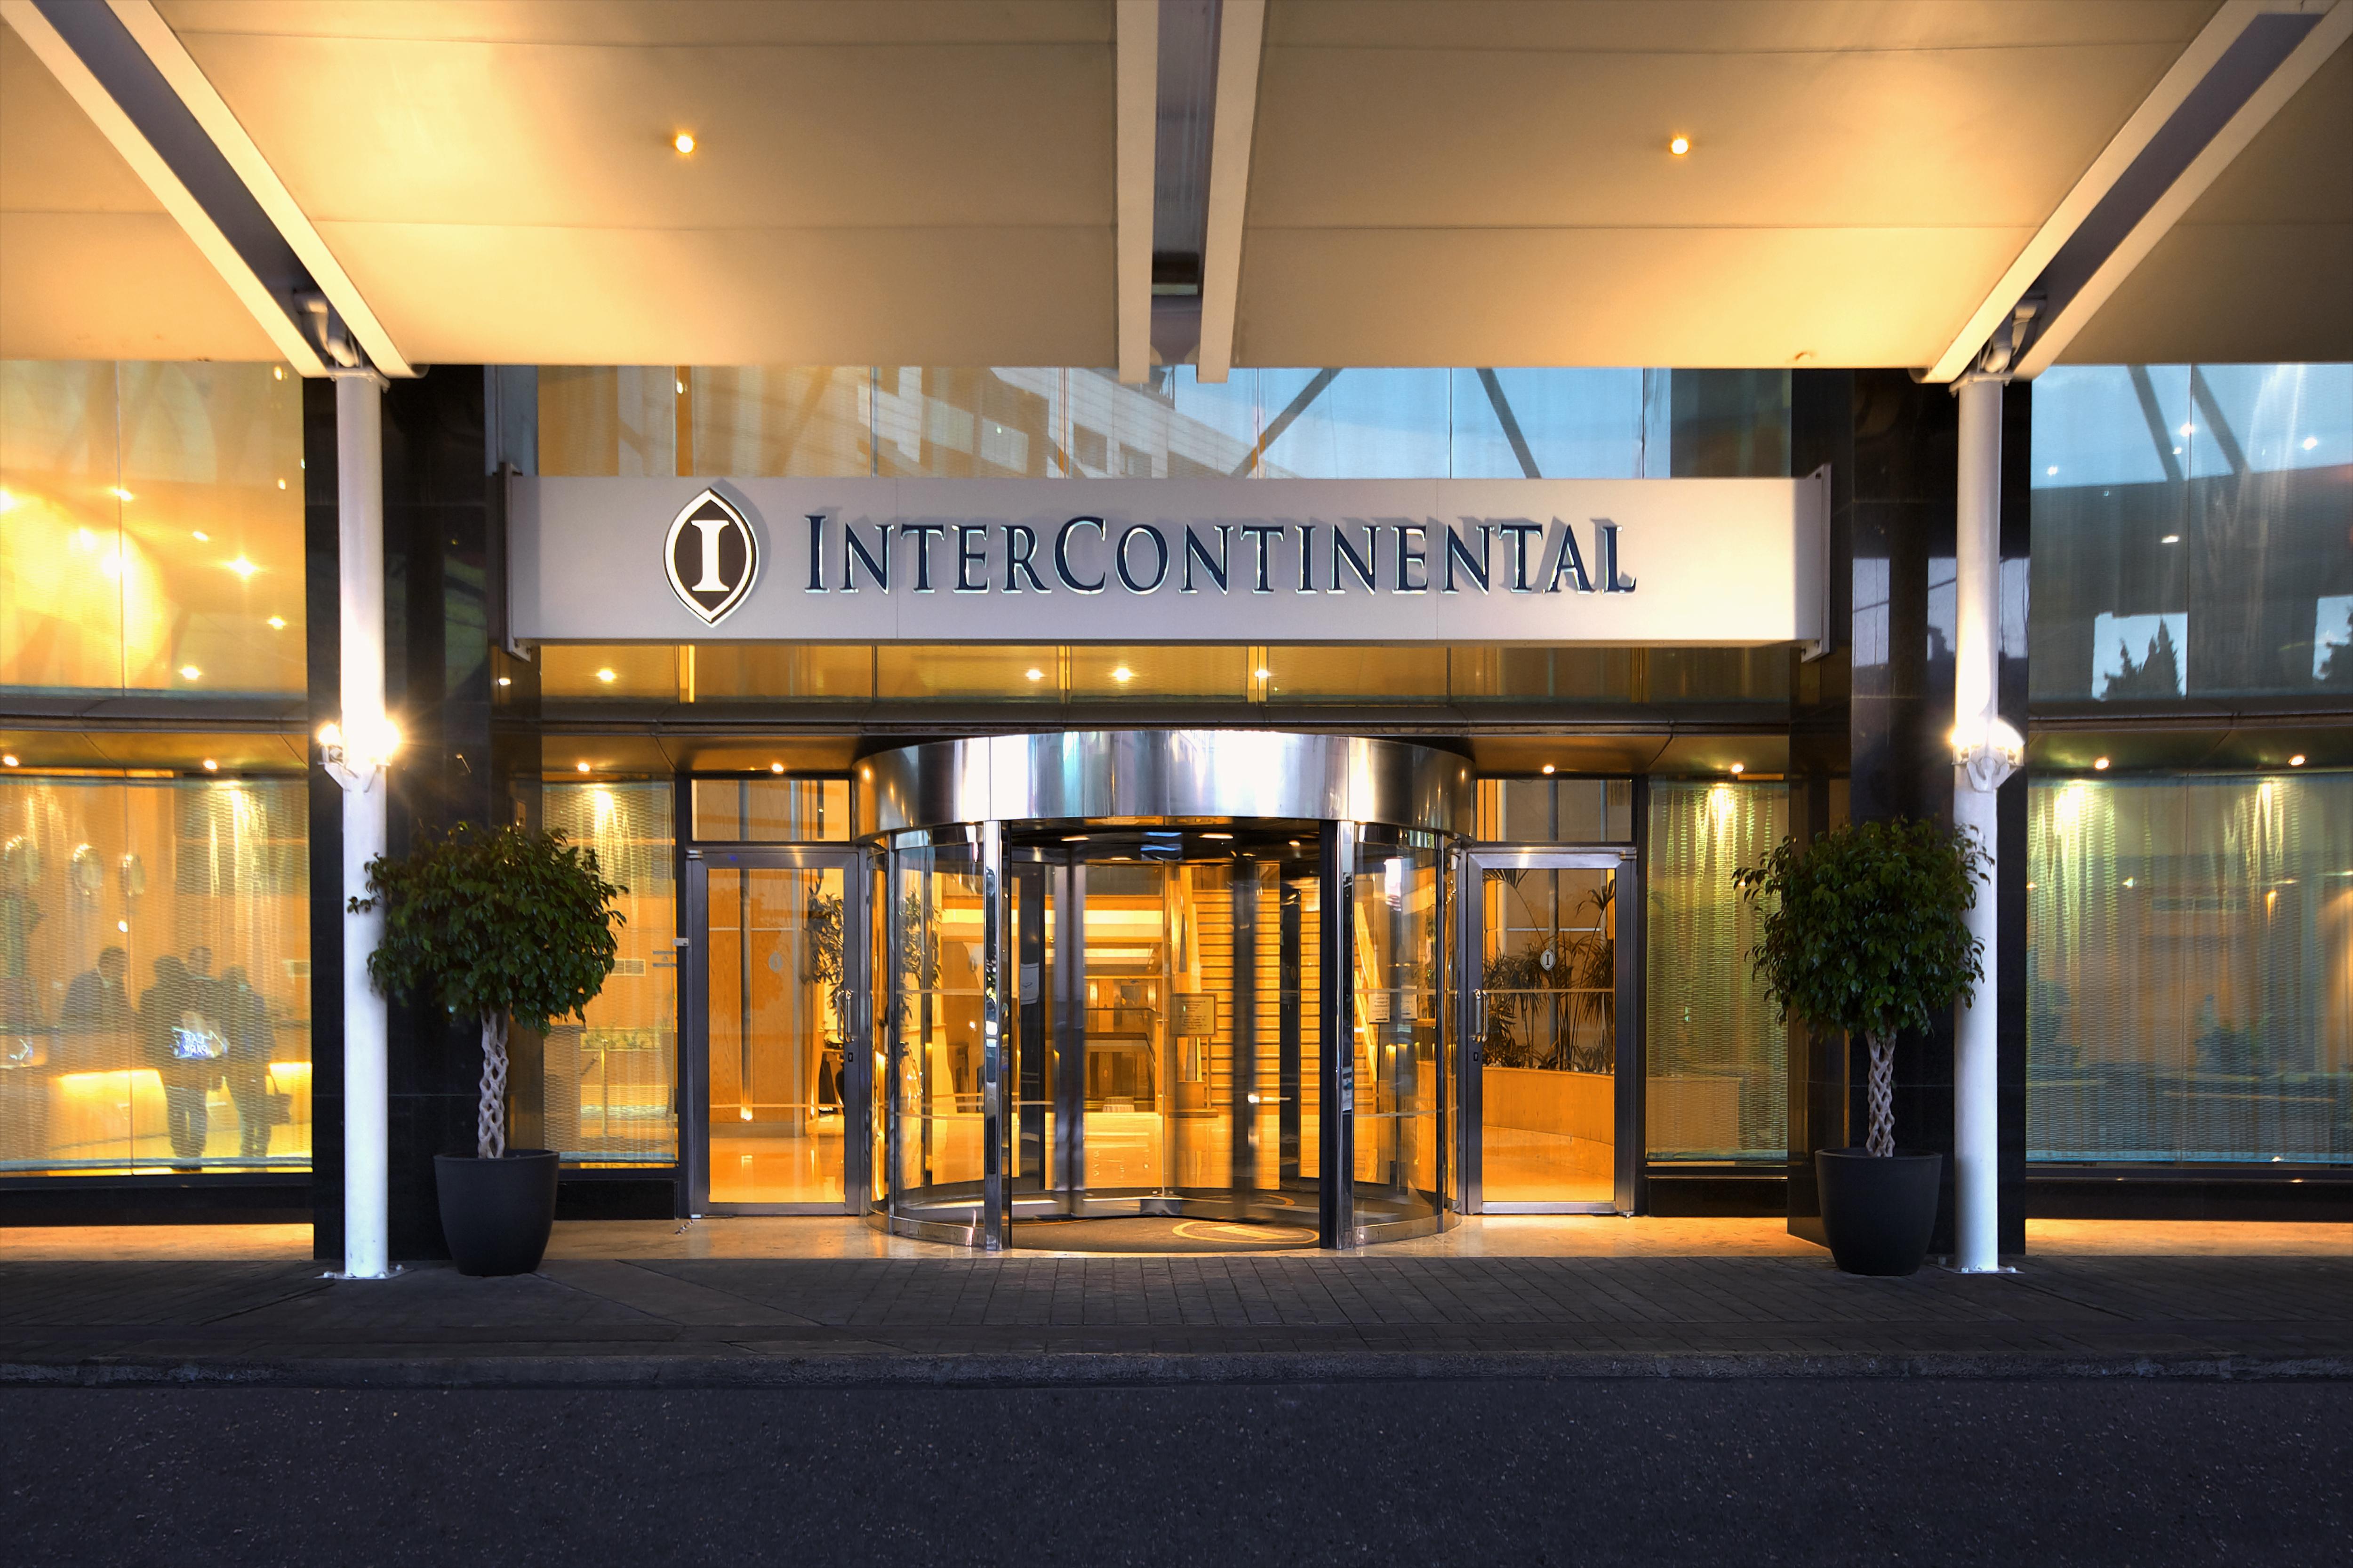 Casino intercontinental malta